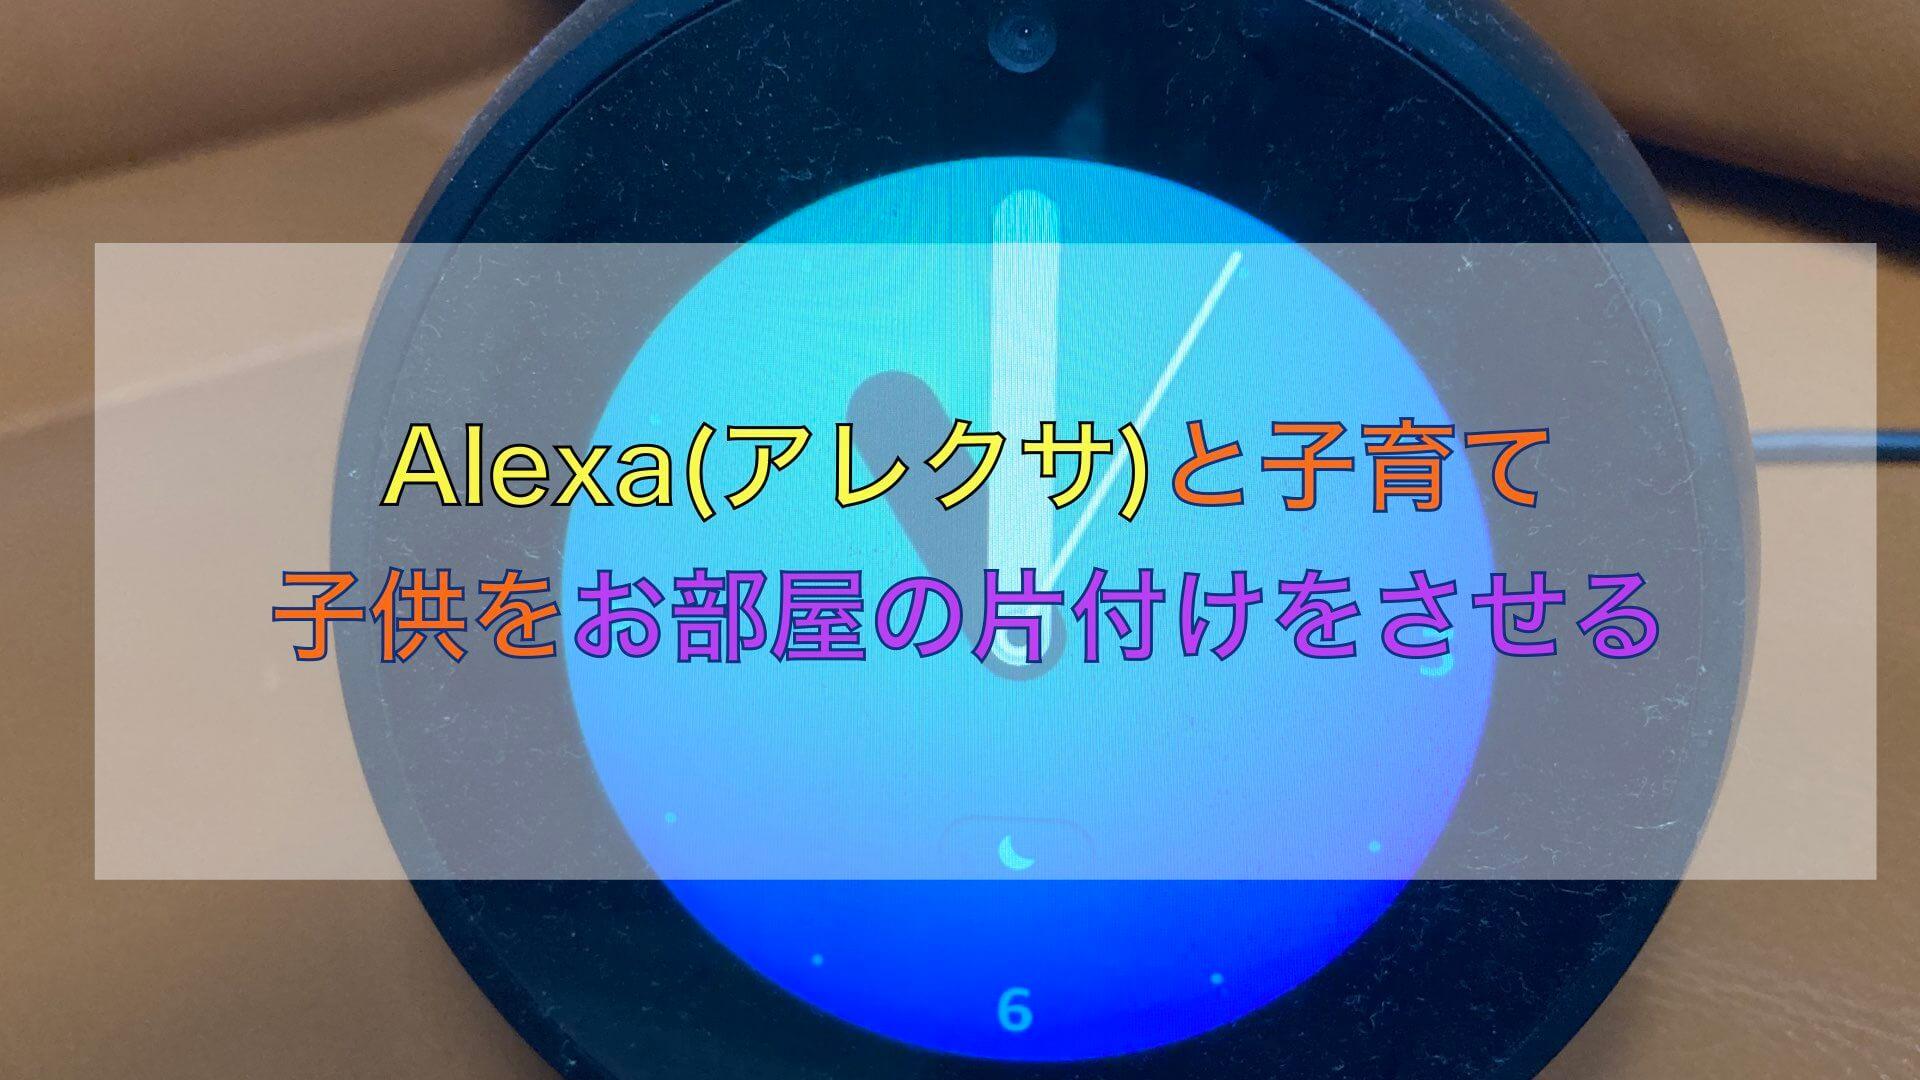 Alexa(アレクサ)と子育て|アレクサで子供に部屋の片付けをさせる